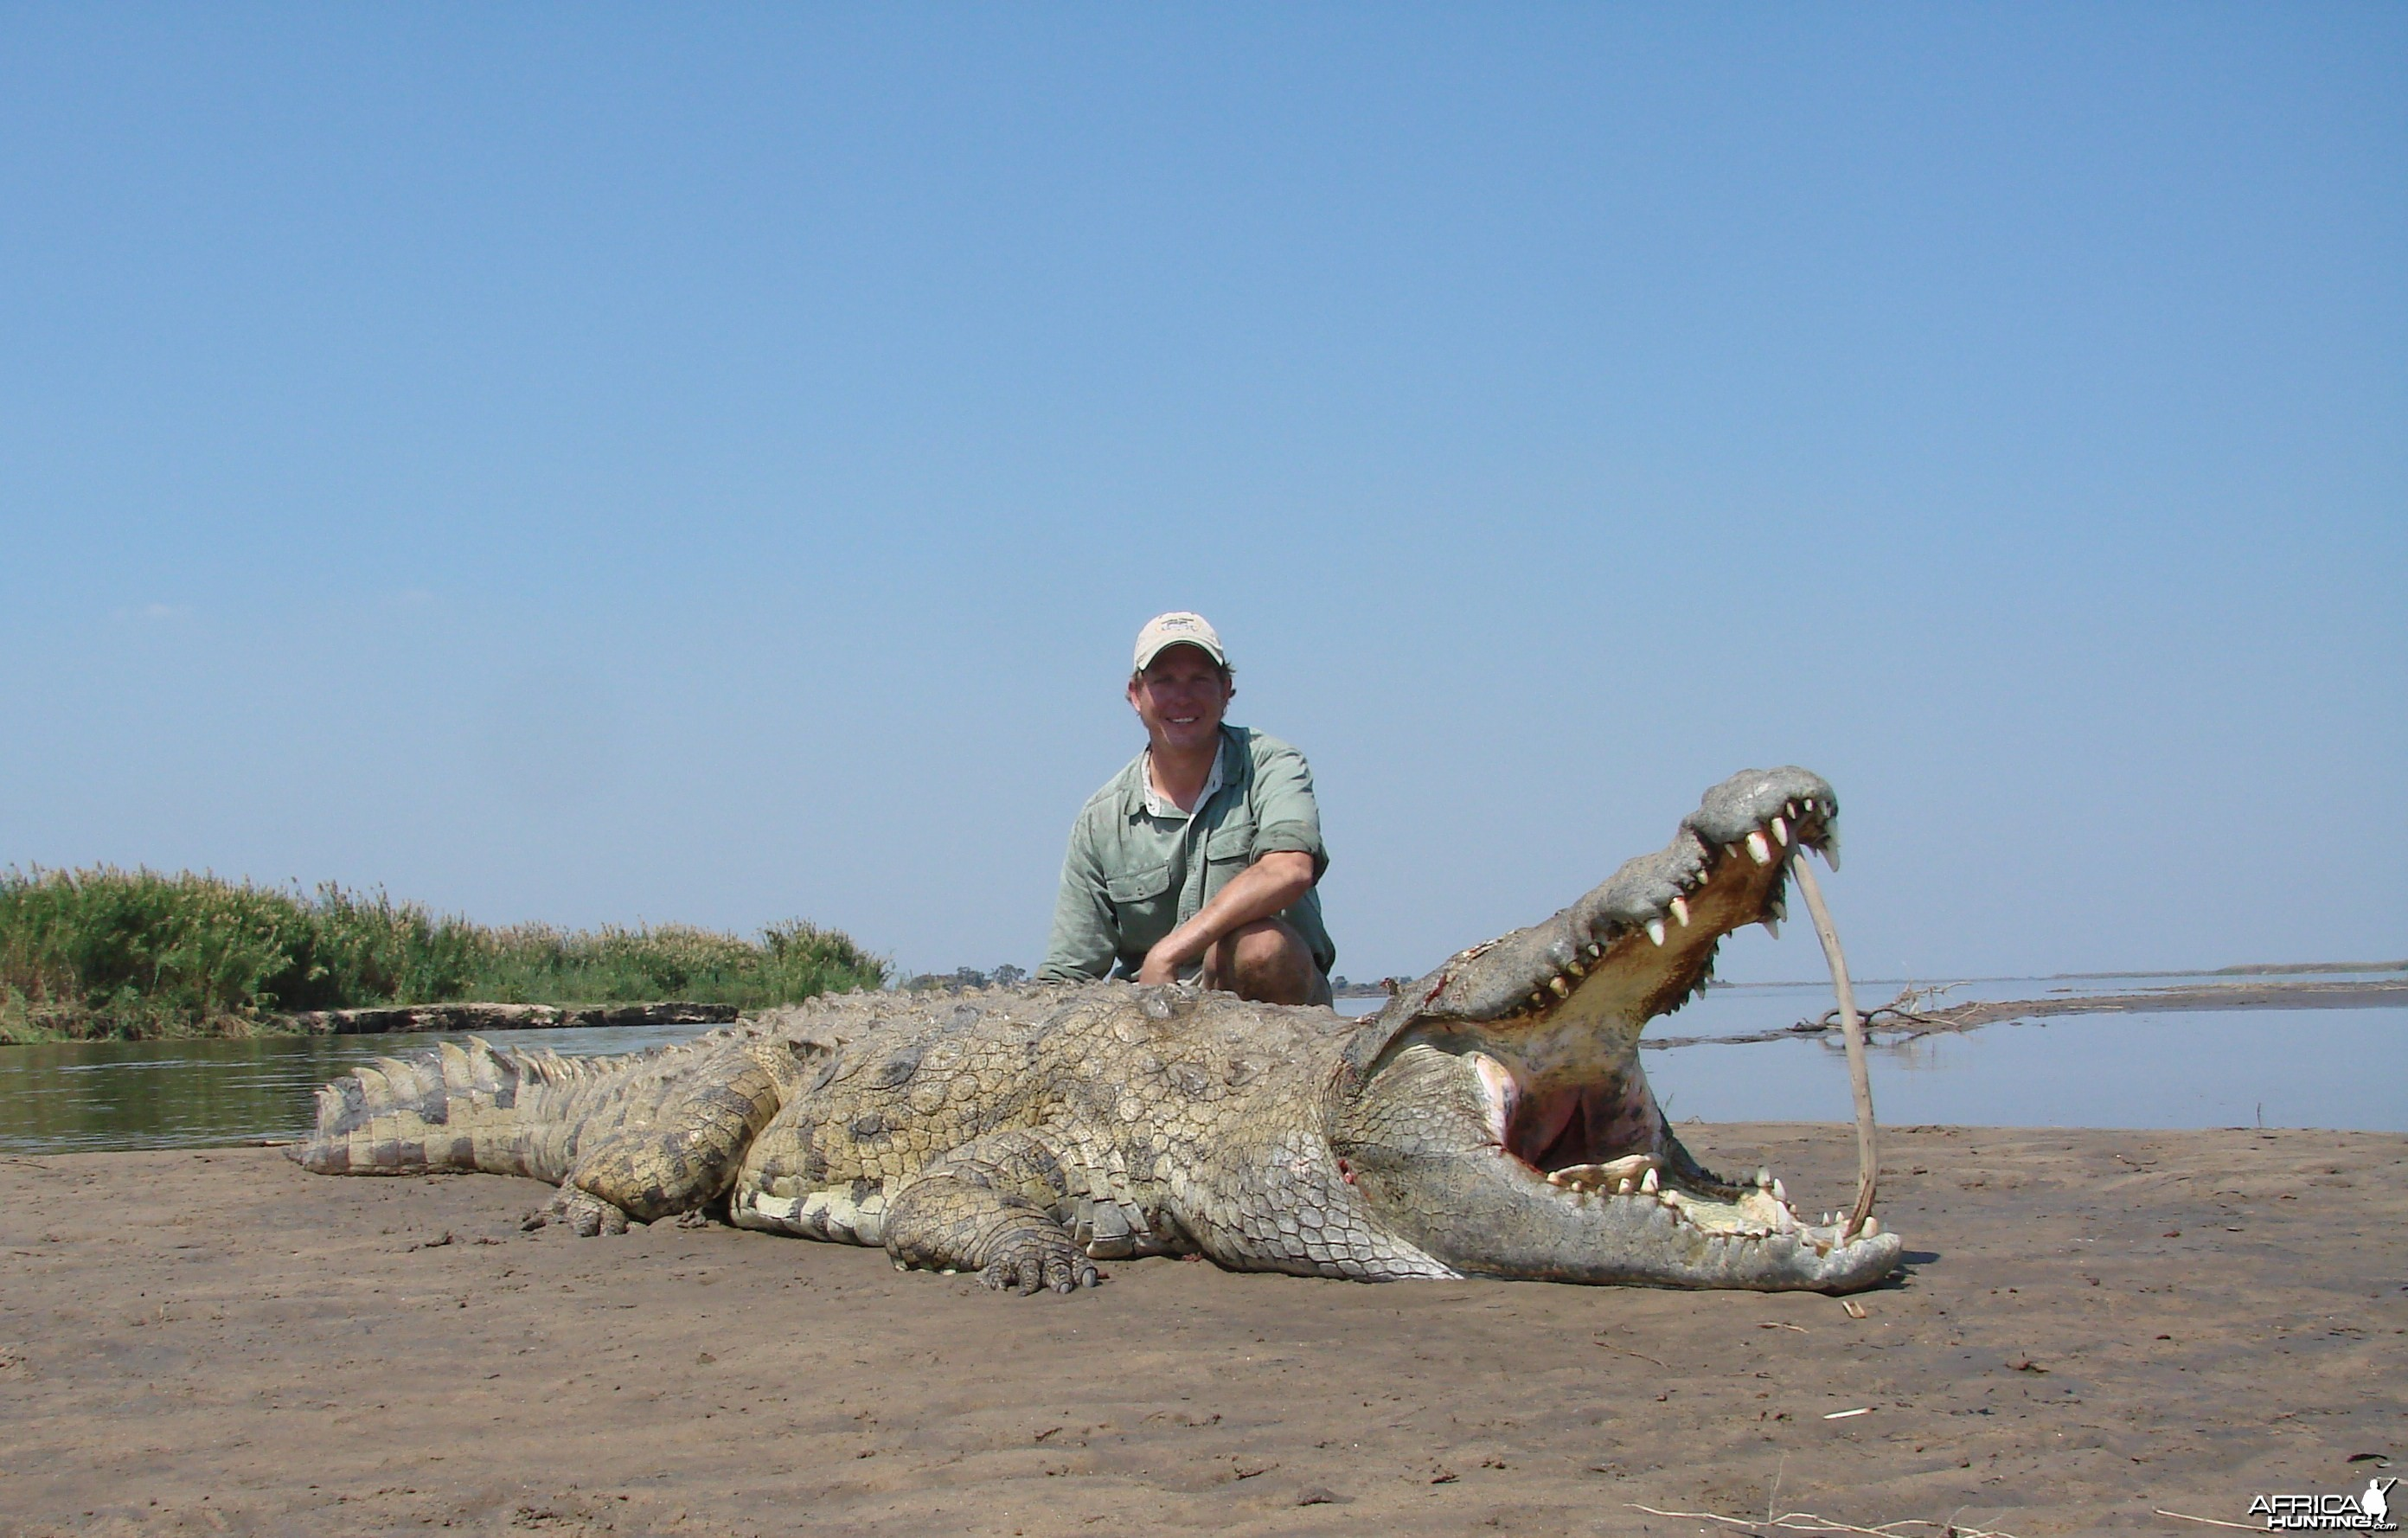 Croc in Mozam